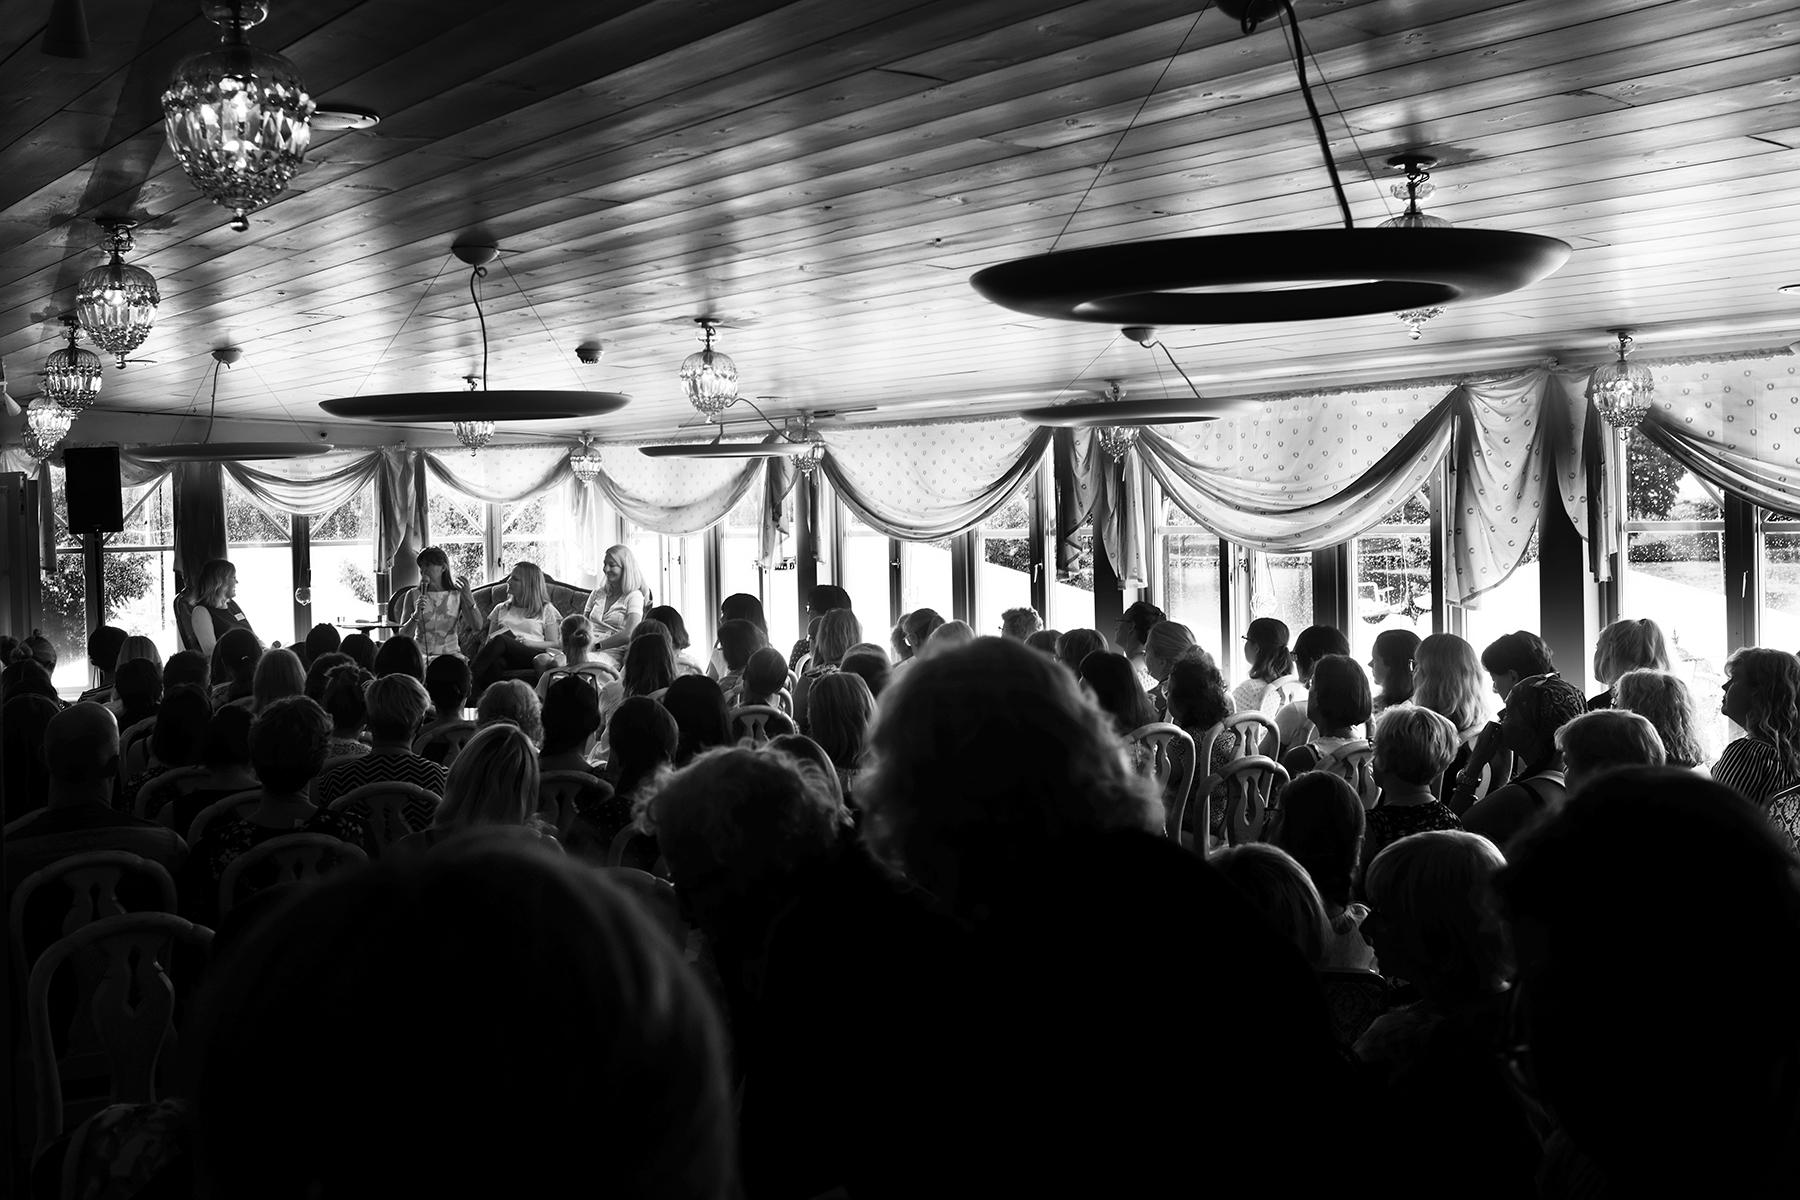 Publikhav i festsalen på Mariefreds värdshus